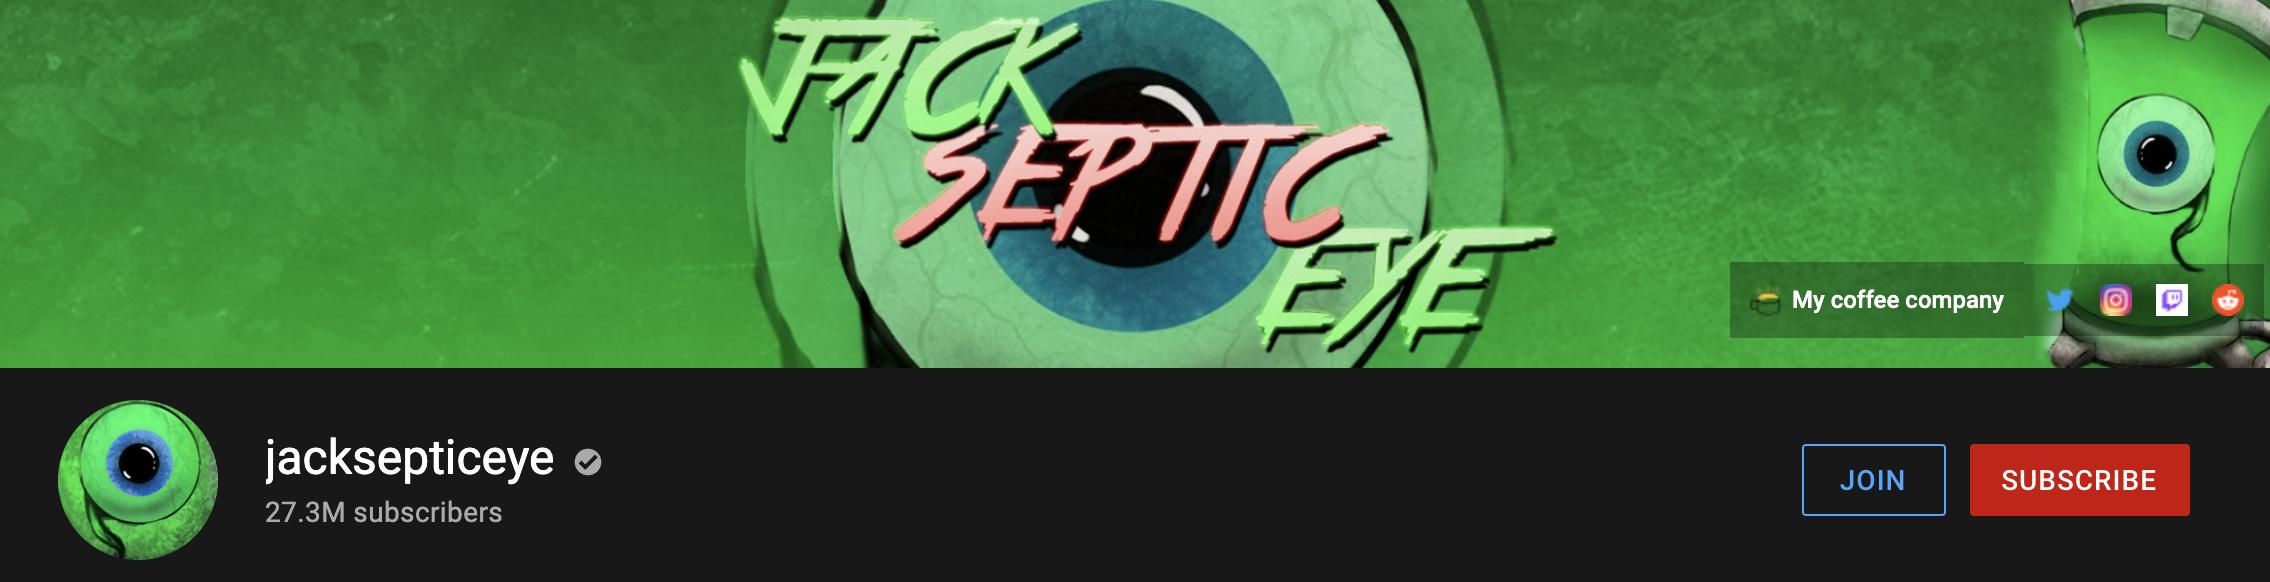 jacksepticeye YouTube Channel example